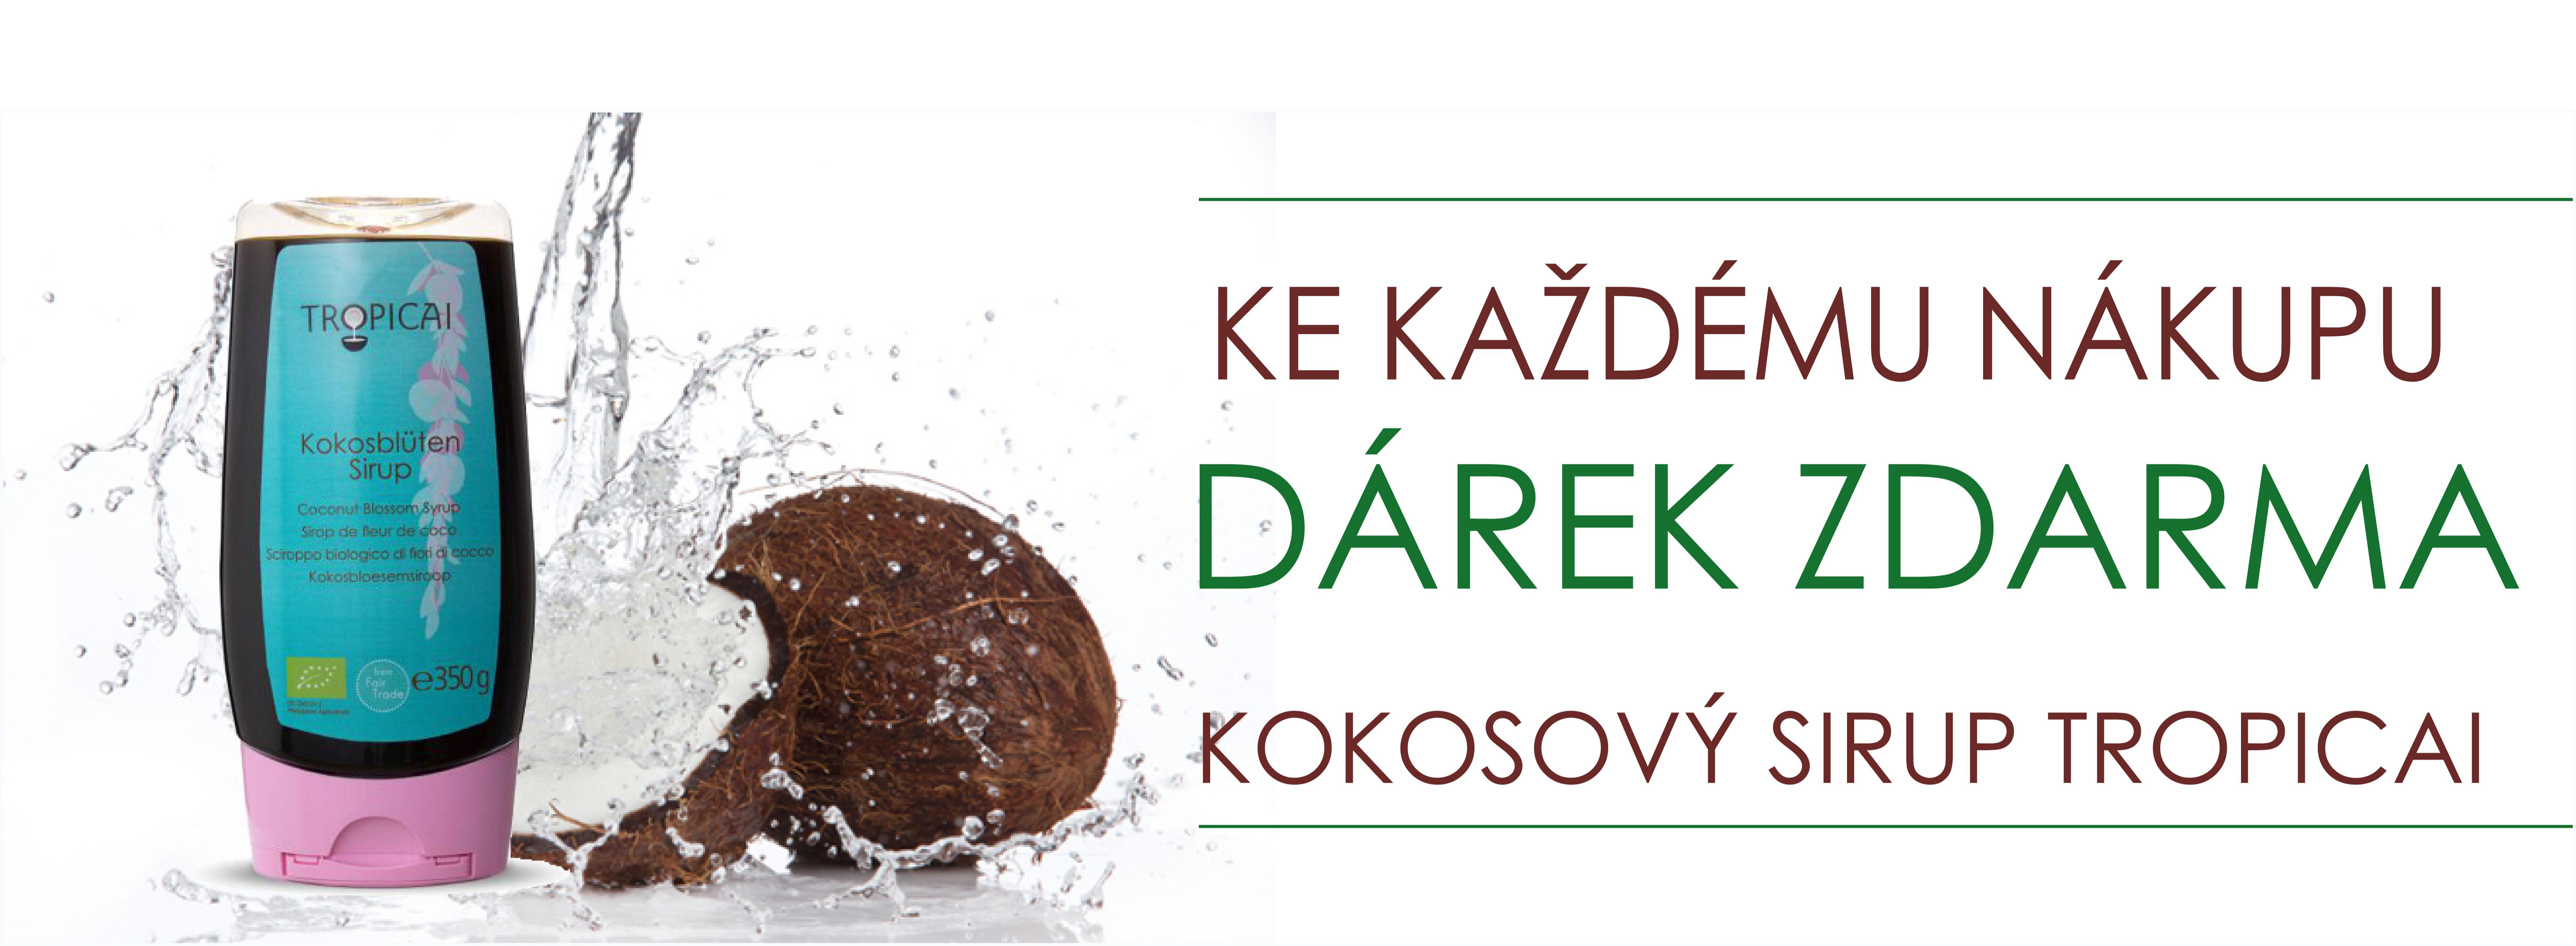 Darek_Zdarma2